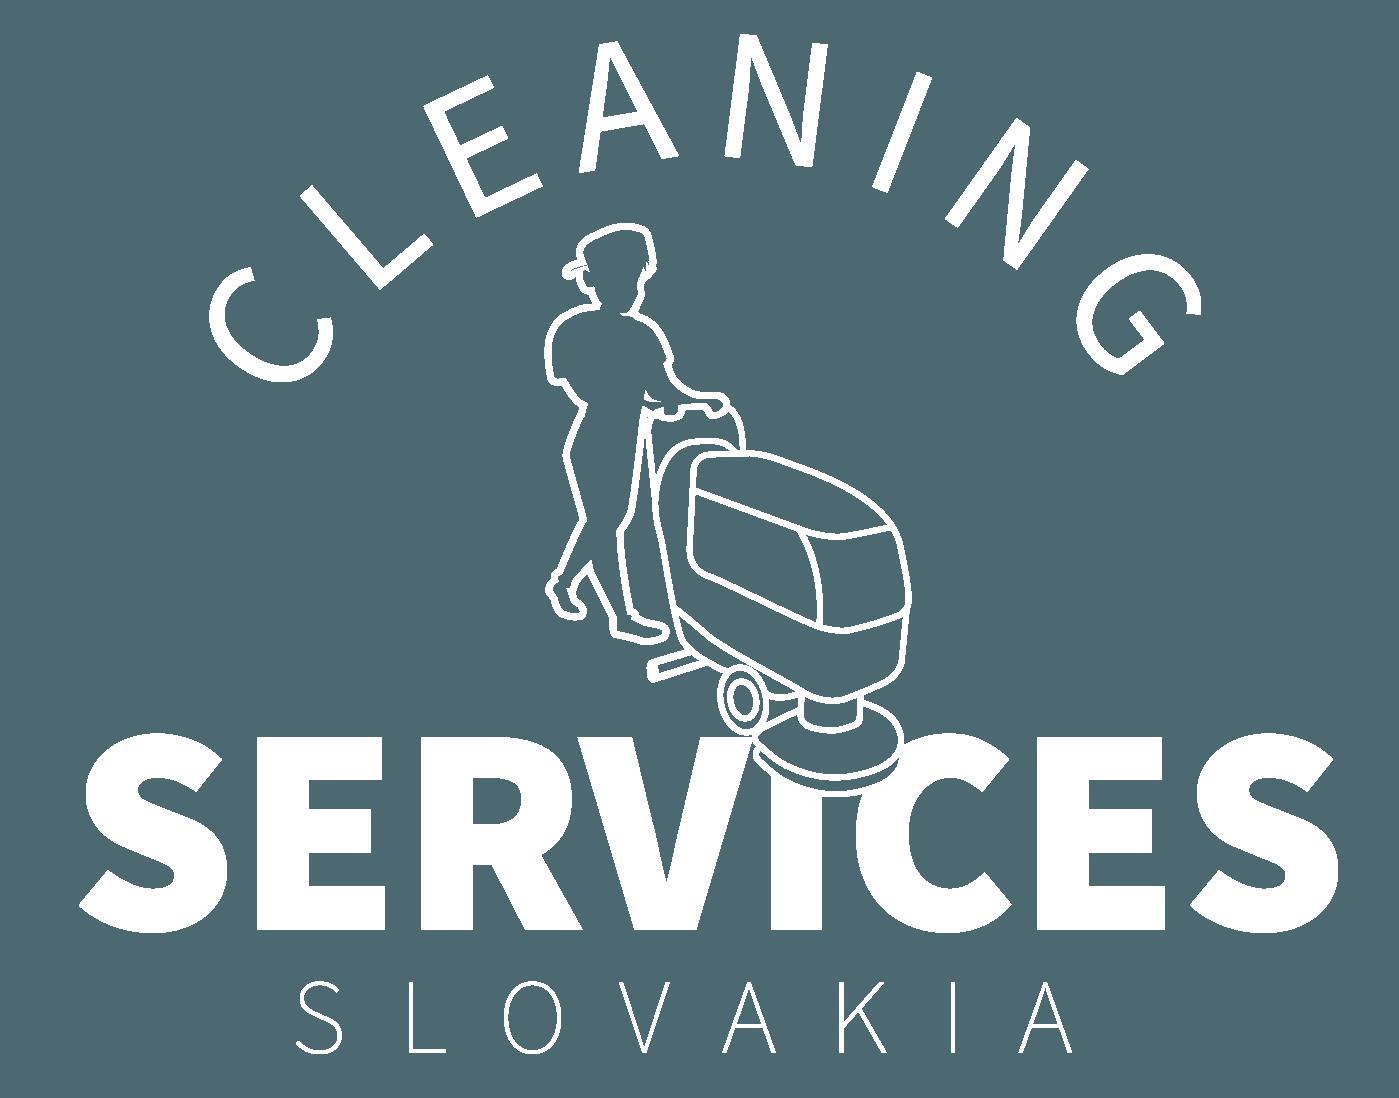 CSSlovakia.sk